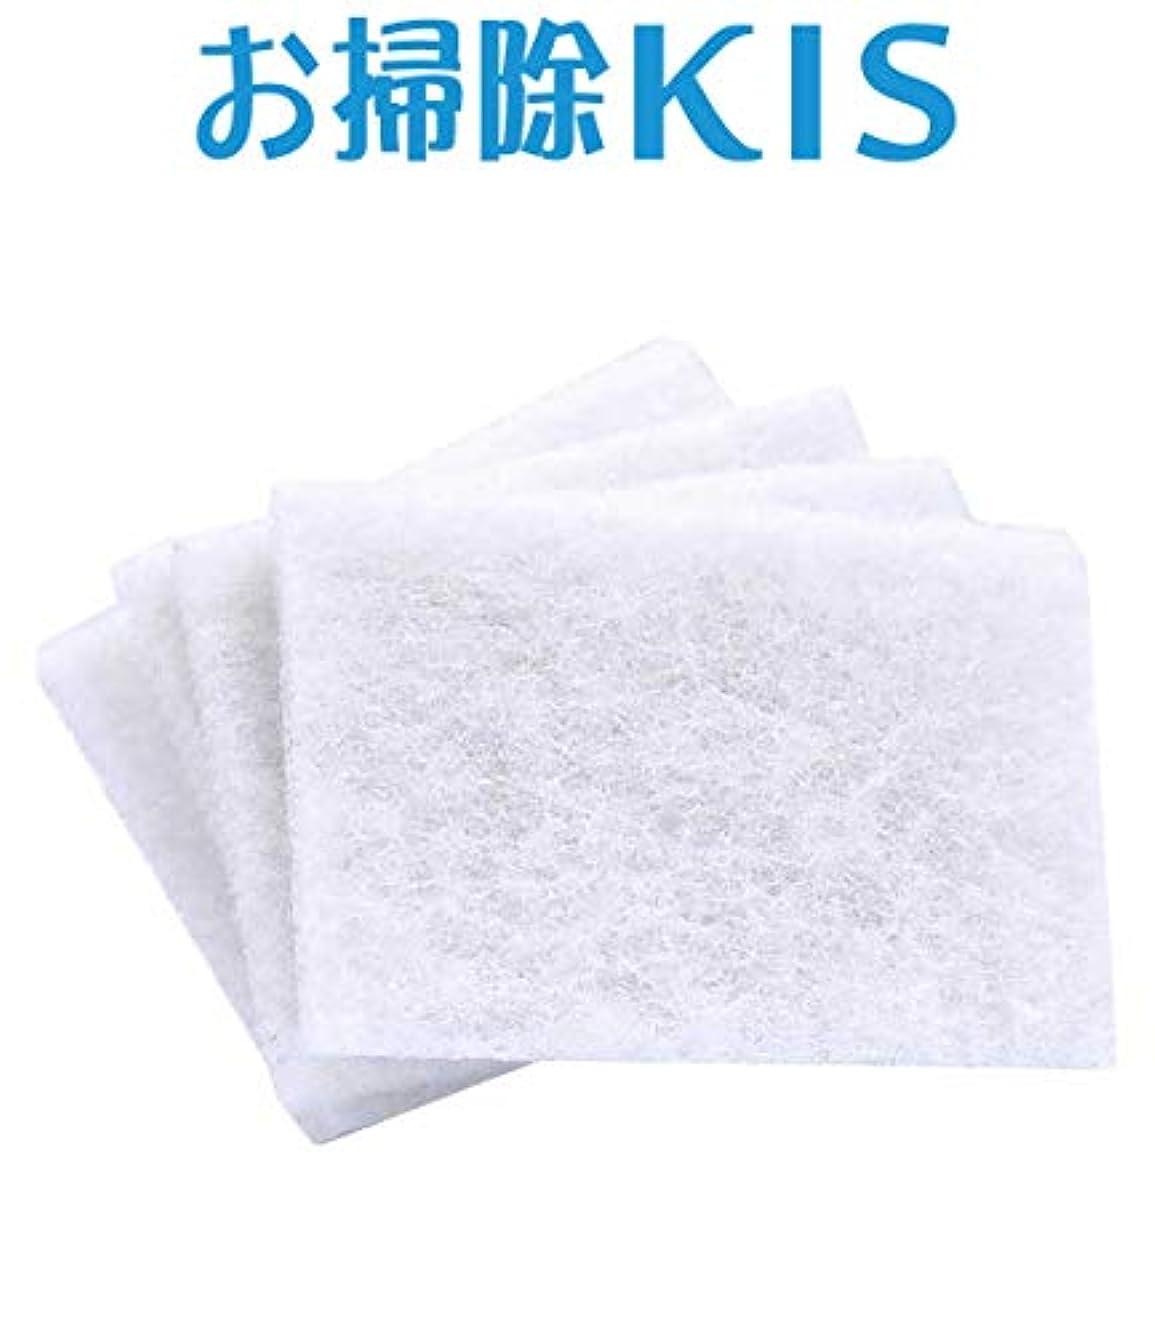 相互似ているペンスキズつかない磨き用ホワイトパッド(KIS)[whitepad-04]